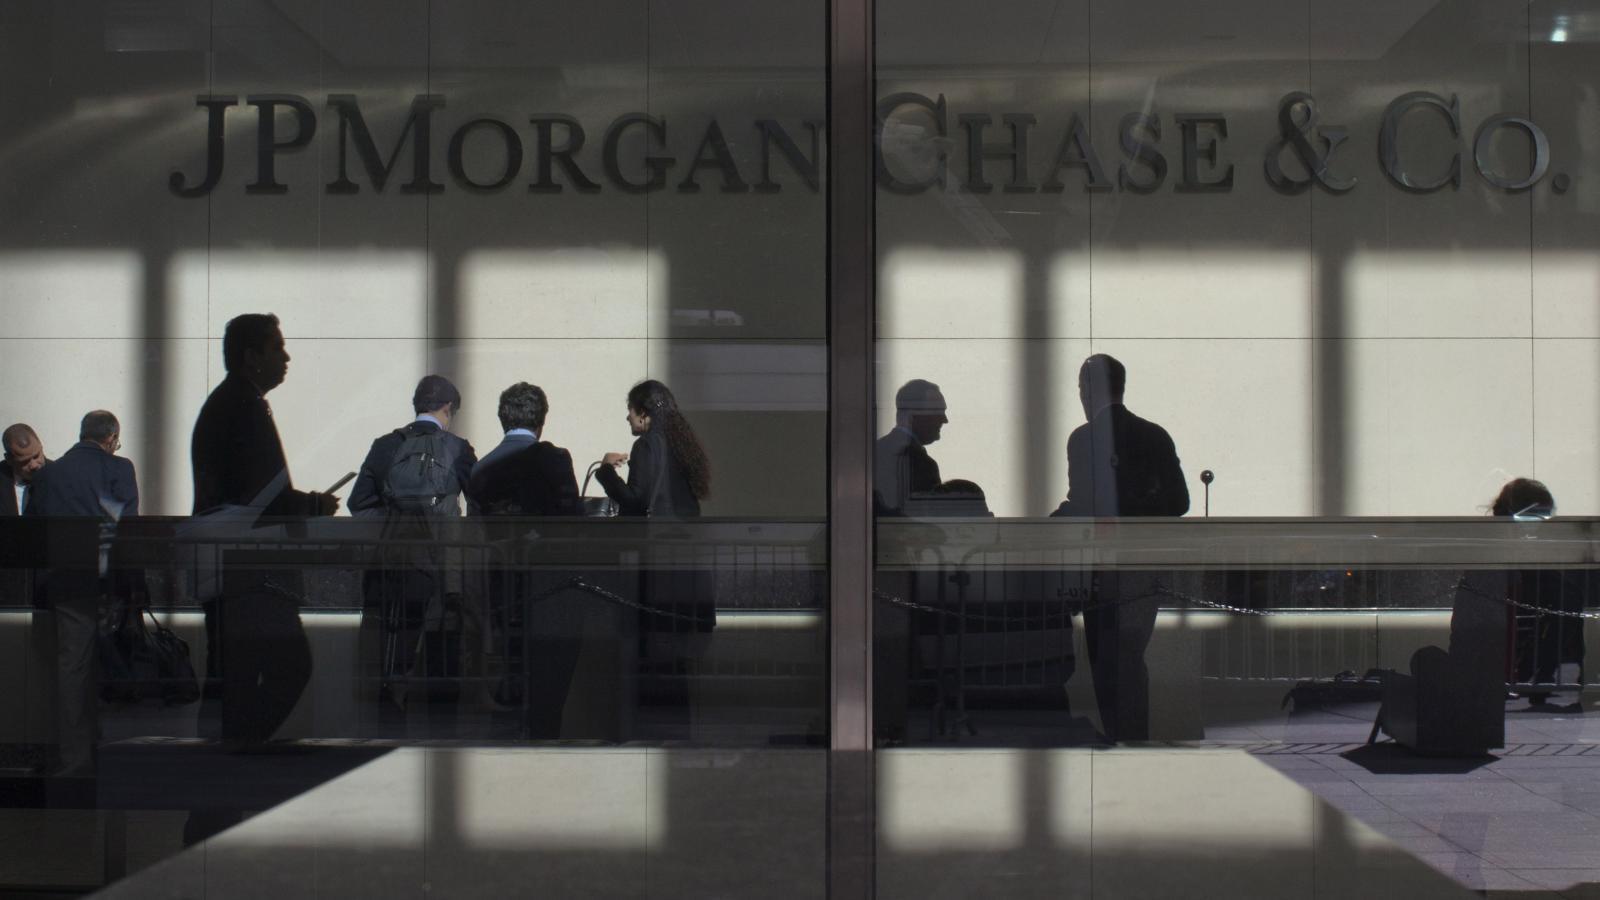 JPMorgan Chase крупнейший финансовый холдинг США, запустил собственную экспериментальную платежную систему на основе blockchain INN. На сегодняшний день к систему уже подключились более 75 банков, включая крупнейший банк Канады Royal Bank of Canada, один из крупнейших французских финансовых конгломератов в Европе Société Générale, бан Santander UK, входящий в крупнейшую финансово-кредитную группу Испании и четвёртый по величине банк Австралии Australia and New Zealand Banking Group (ANZ). Главной целью новой платежной системы является удешевление и ускорение проведения международных транзакций между финансовыми учреждениями, на фоне общей обеспокоенности традиционных финансовых институтов растущим количеством новых финтех-стартапов, которые предлагают более эффективные платежные решения.